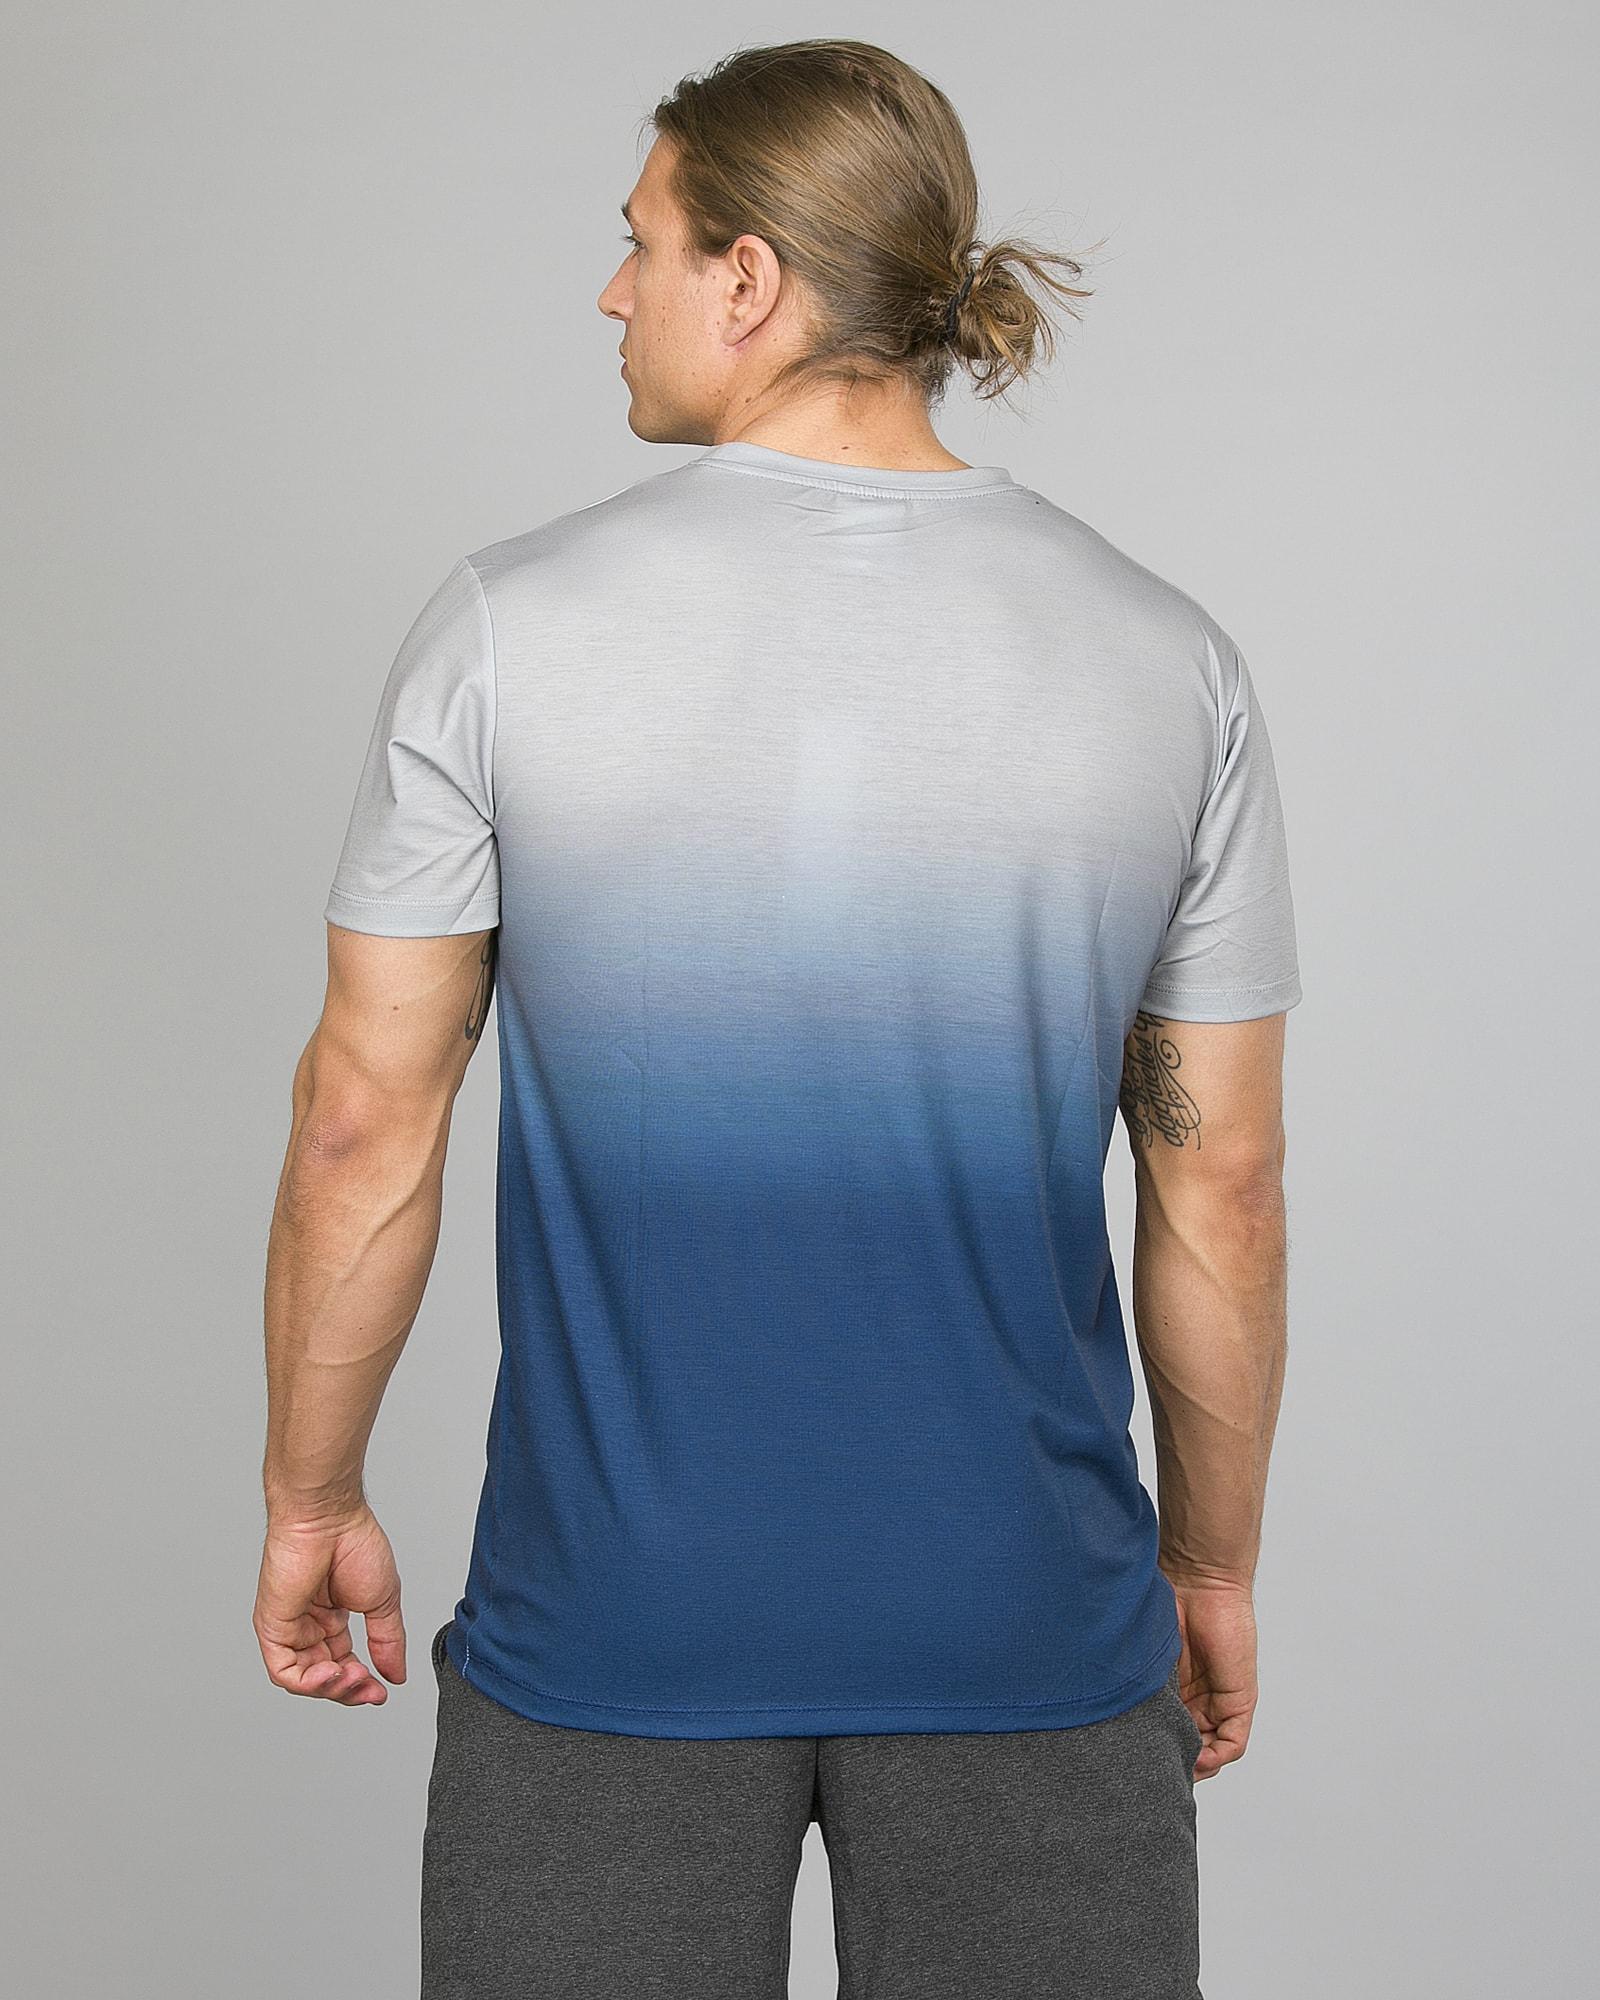 Hype Midnight Fade T-Shirt Men ss18210b Blue:Grey d